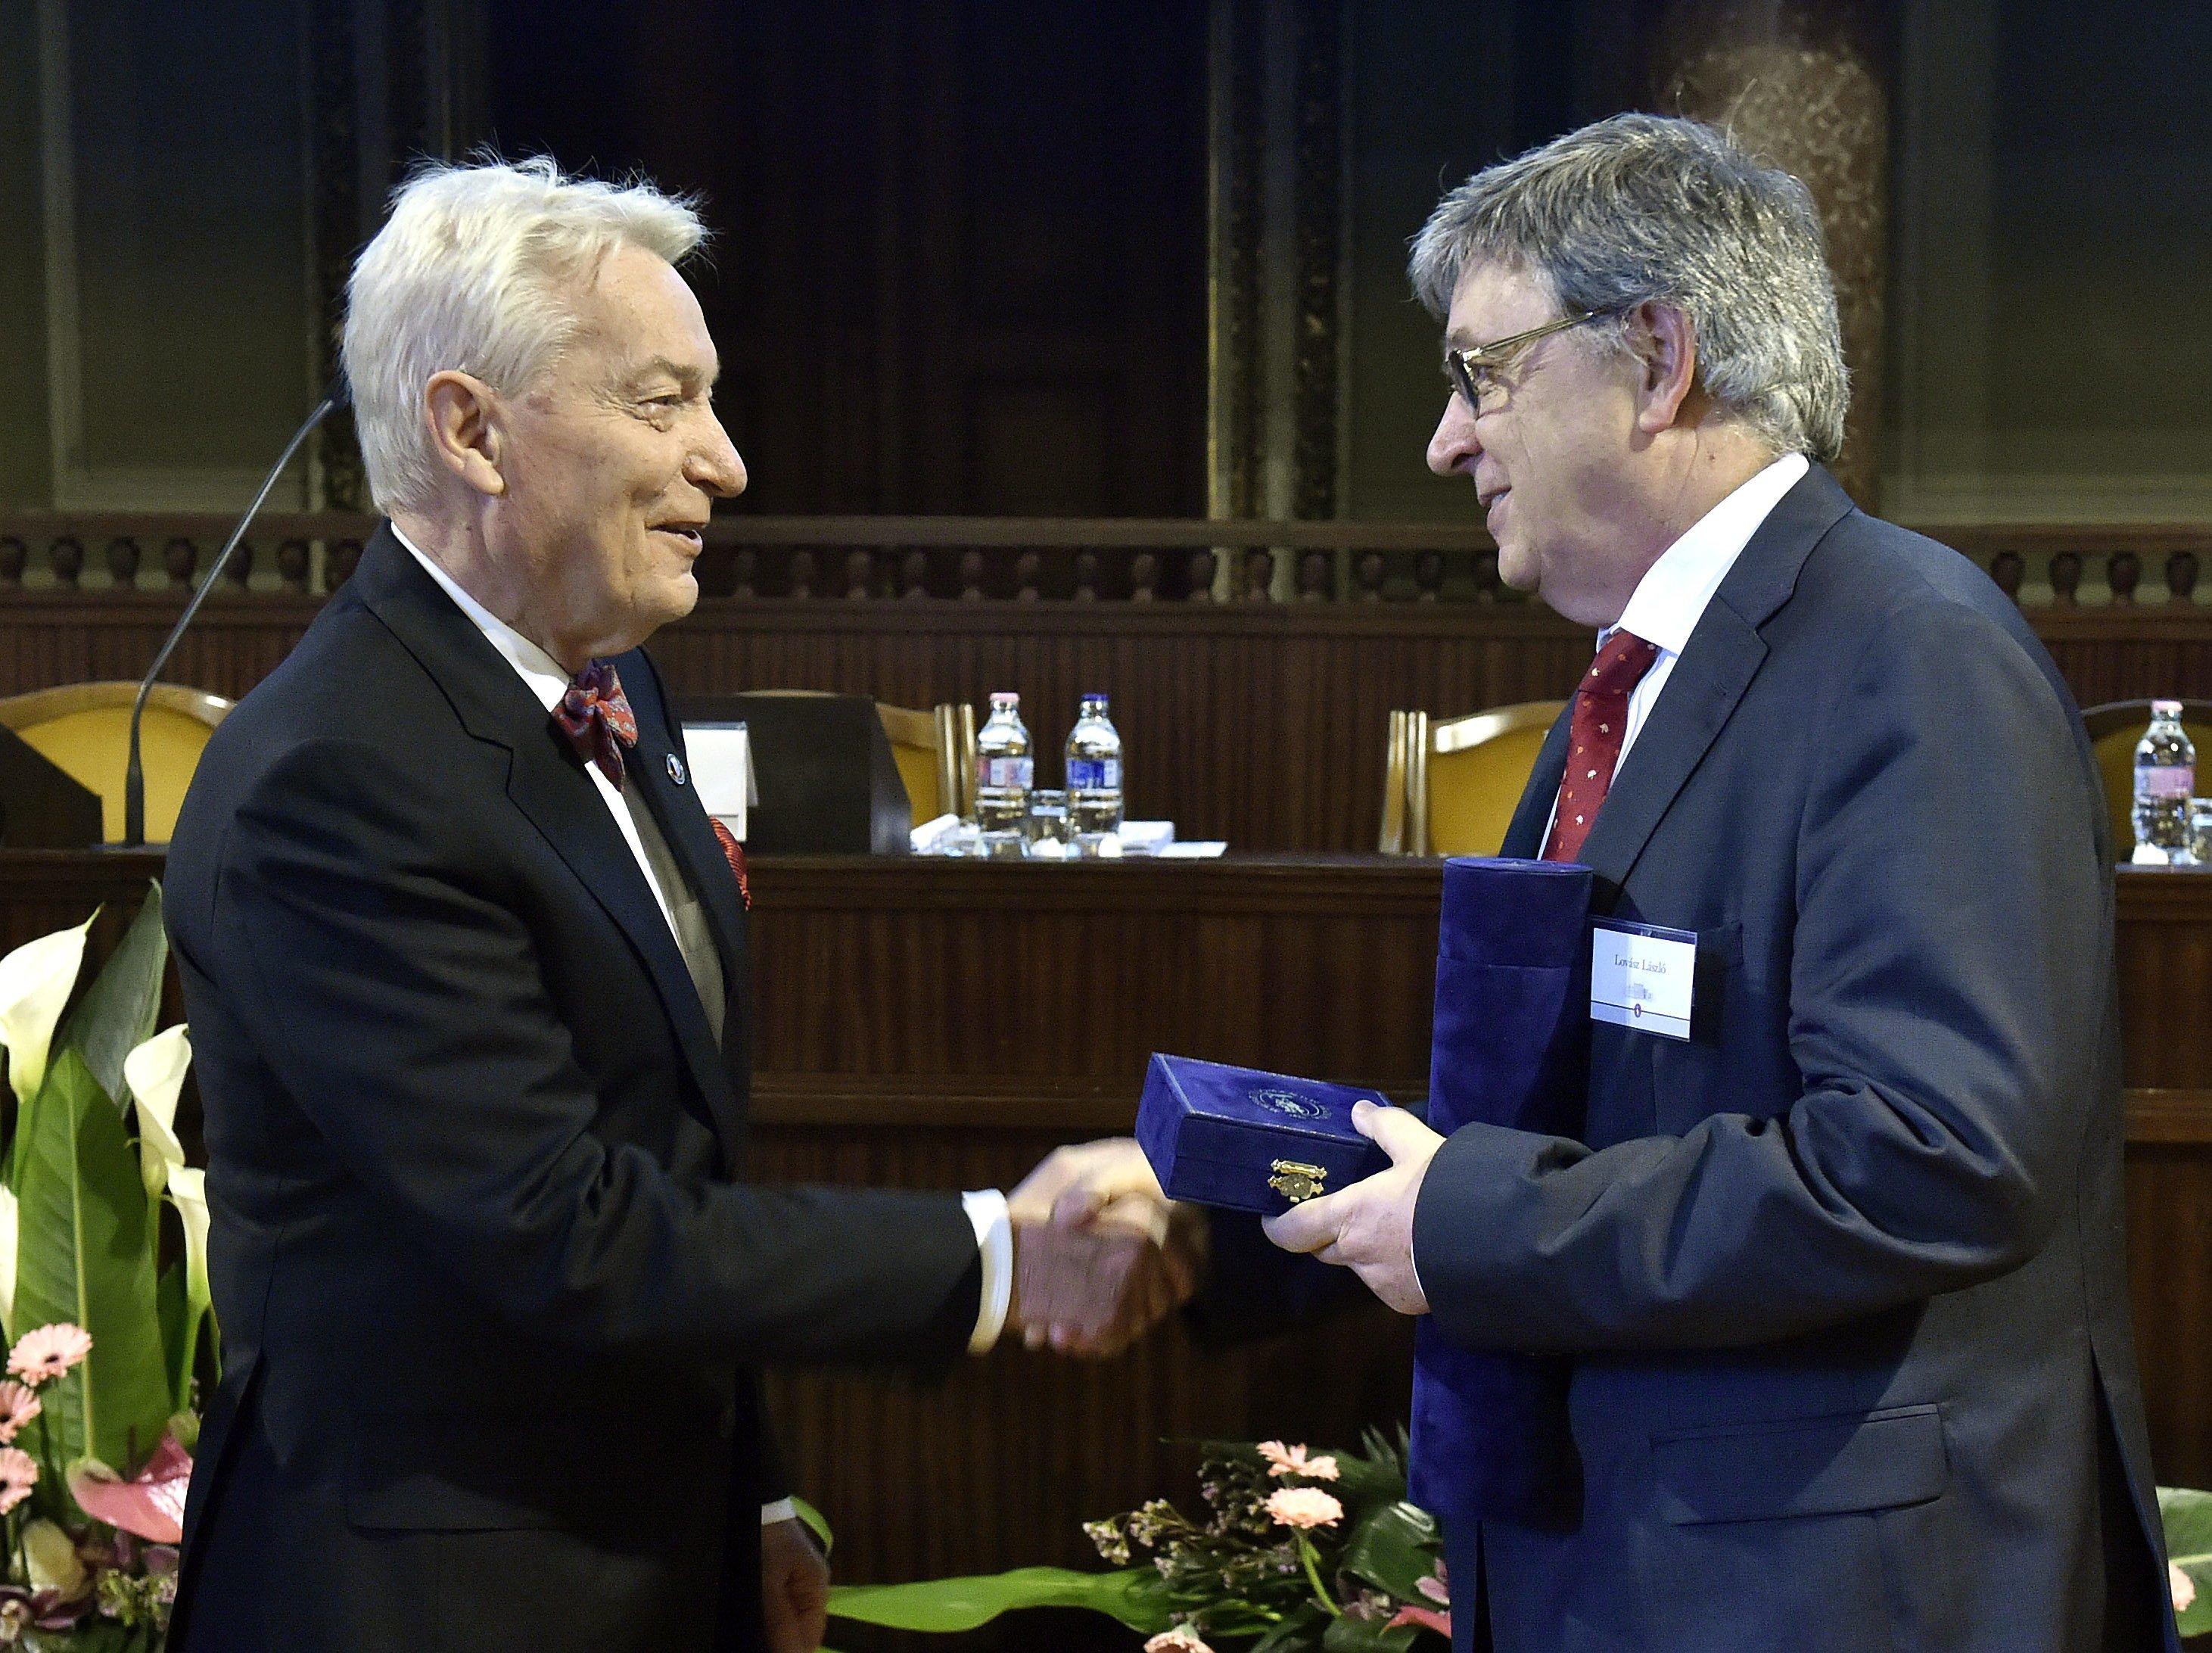 Vizi E. Szilveszter elismerte, hogy beszélt Palkoviccsal az MTA-tól elvett kutatóintézetek vezetéséről